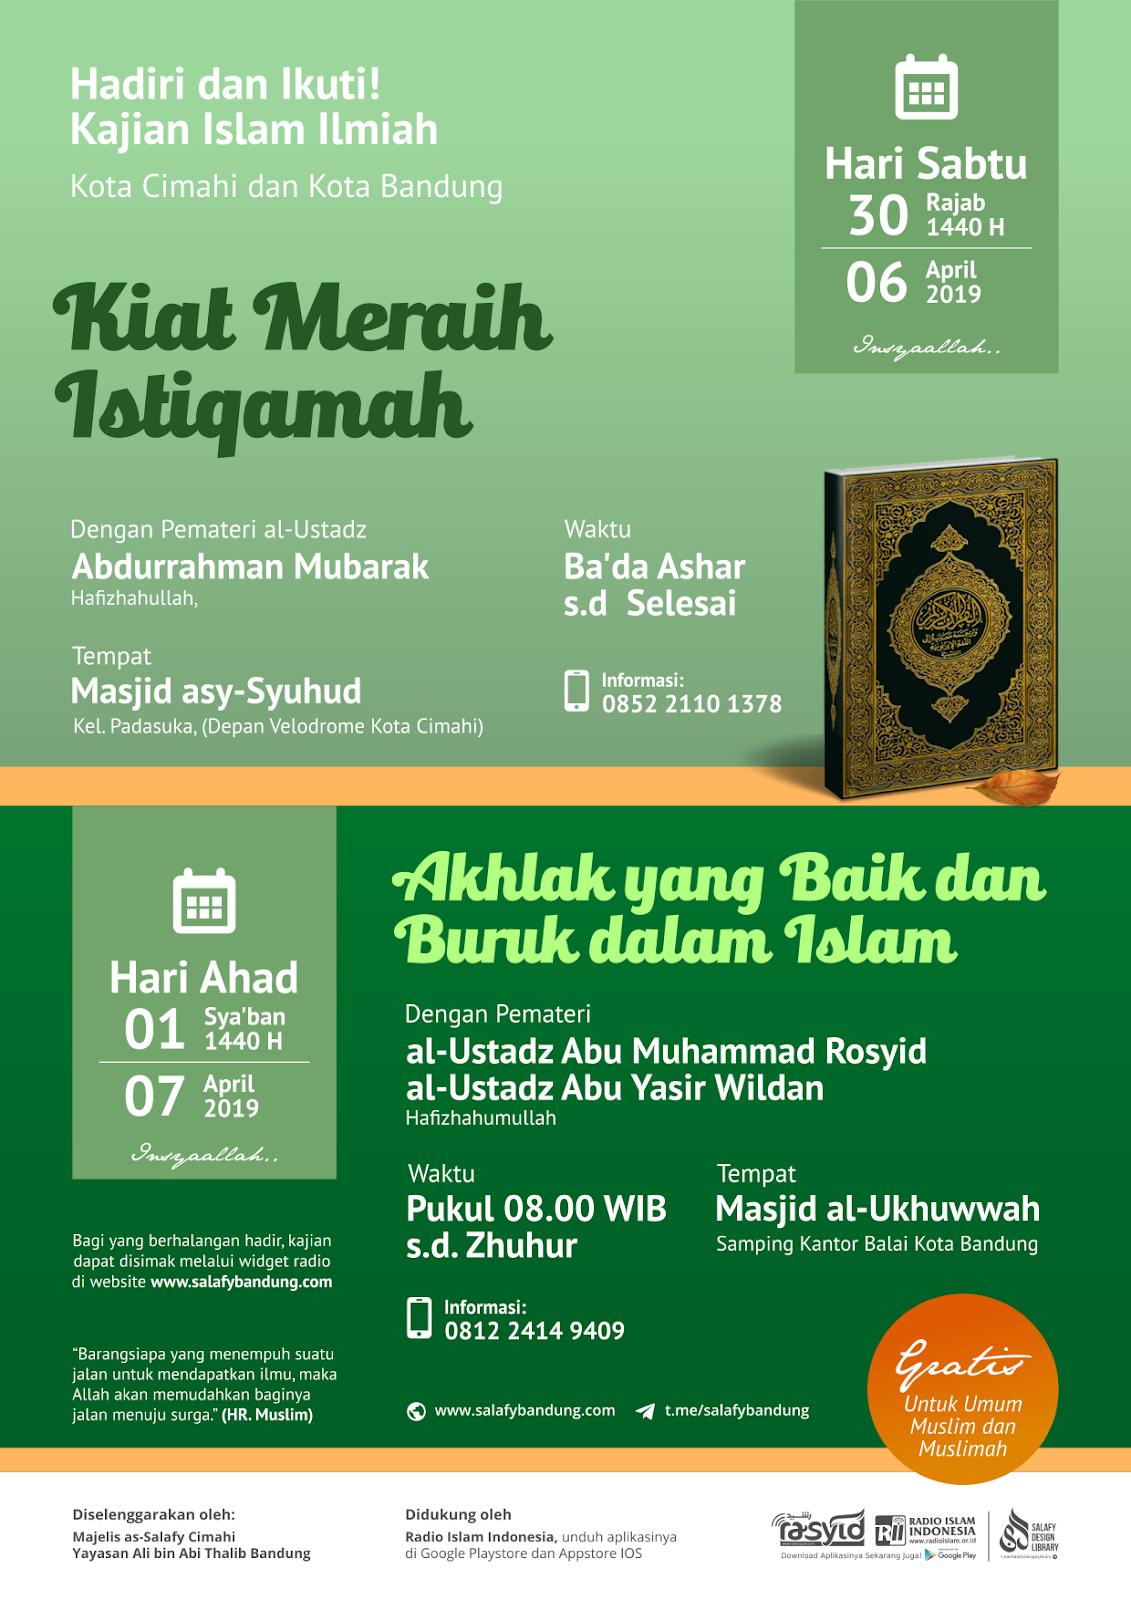 Audio Kajian Islam Ilmiah Kota Cimahi dan Kota Bandung 30 Rajab - 1 Sya'ban 1440H / 6-7 April 2019